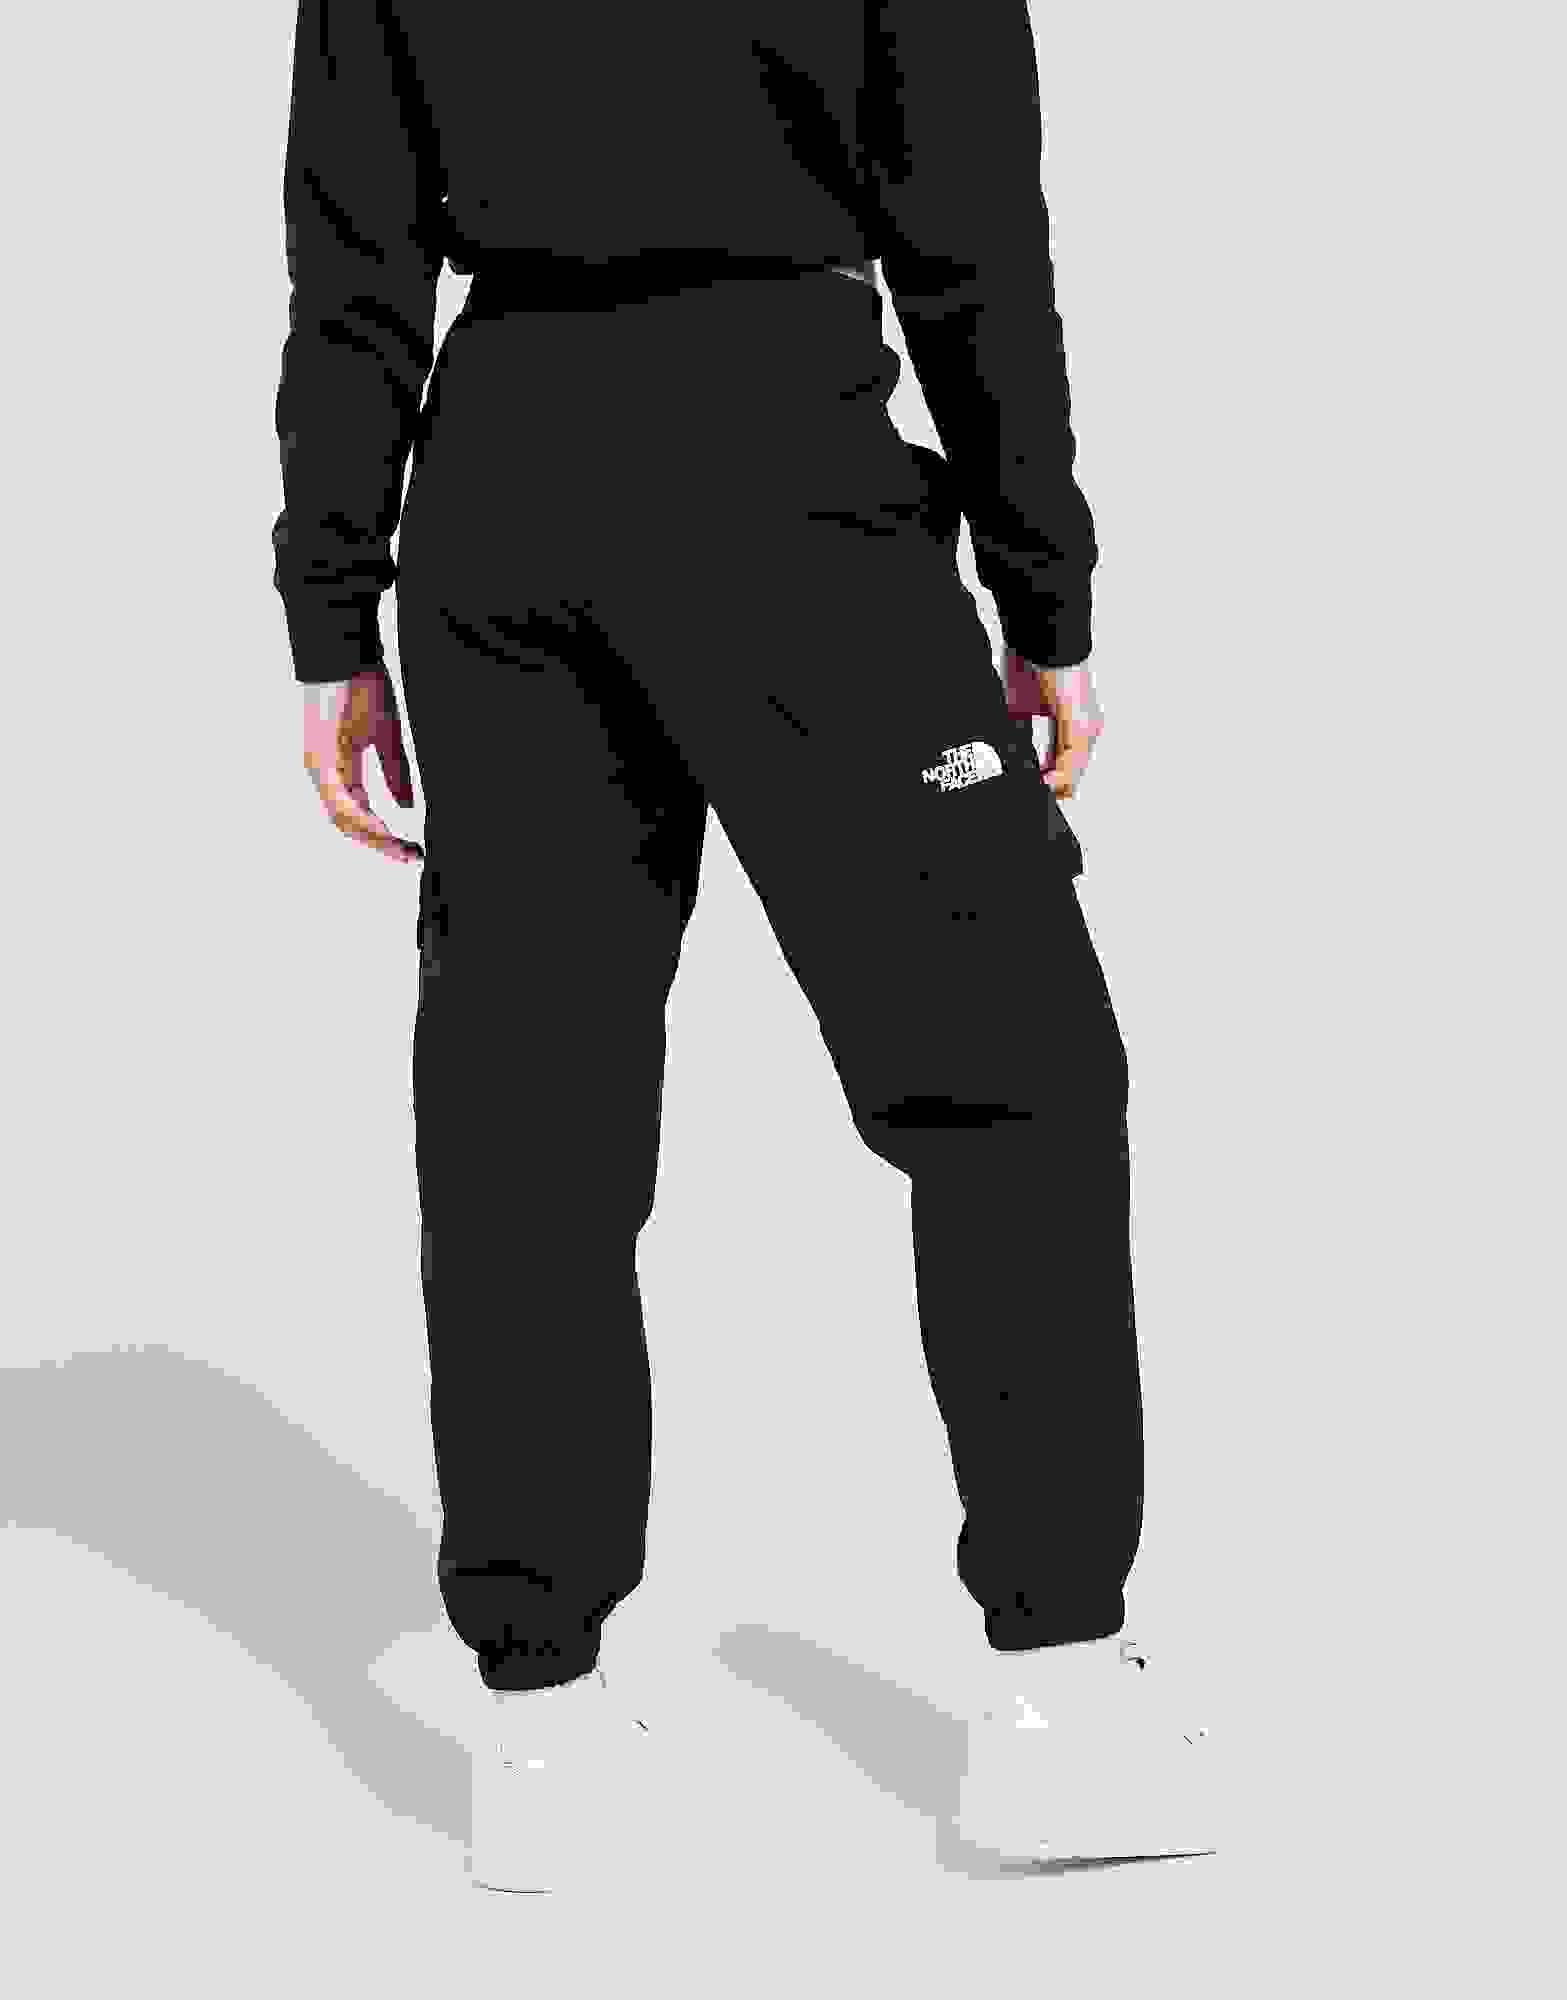 Débardeur Femmes Taille Élastique Cargo Poches Latérales à revers Pantalon De Jogging Pantalon